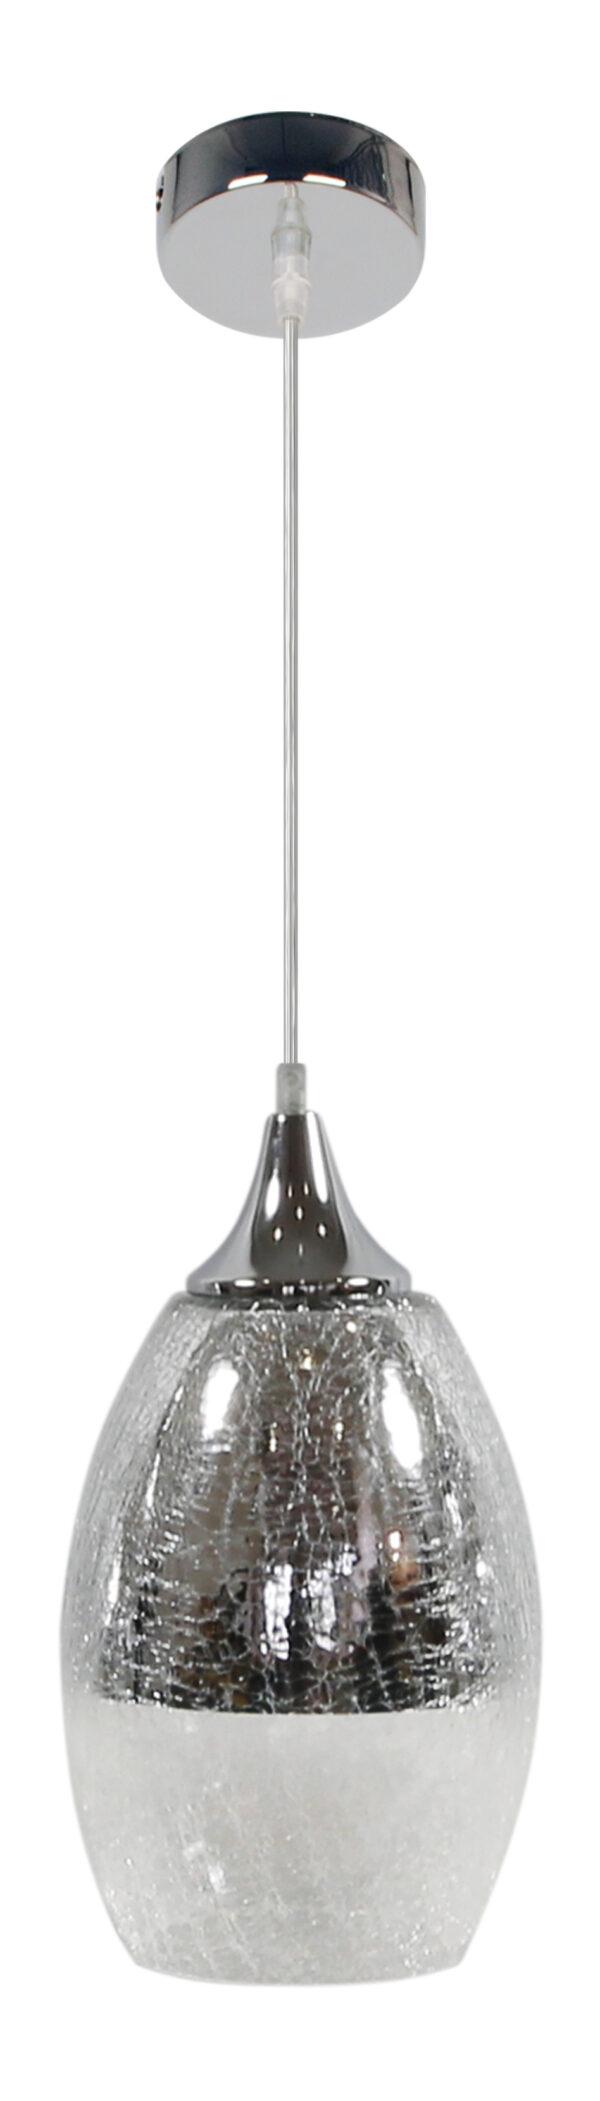 CELIA LAMPA WISZĄCA 16 1X60W E27 SREBRNY - 31-51561